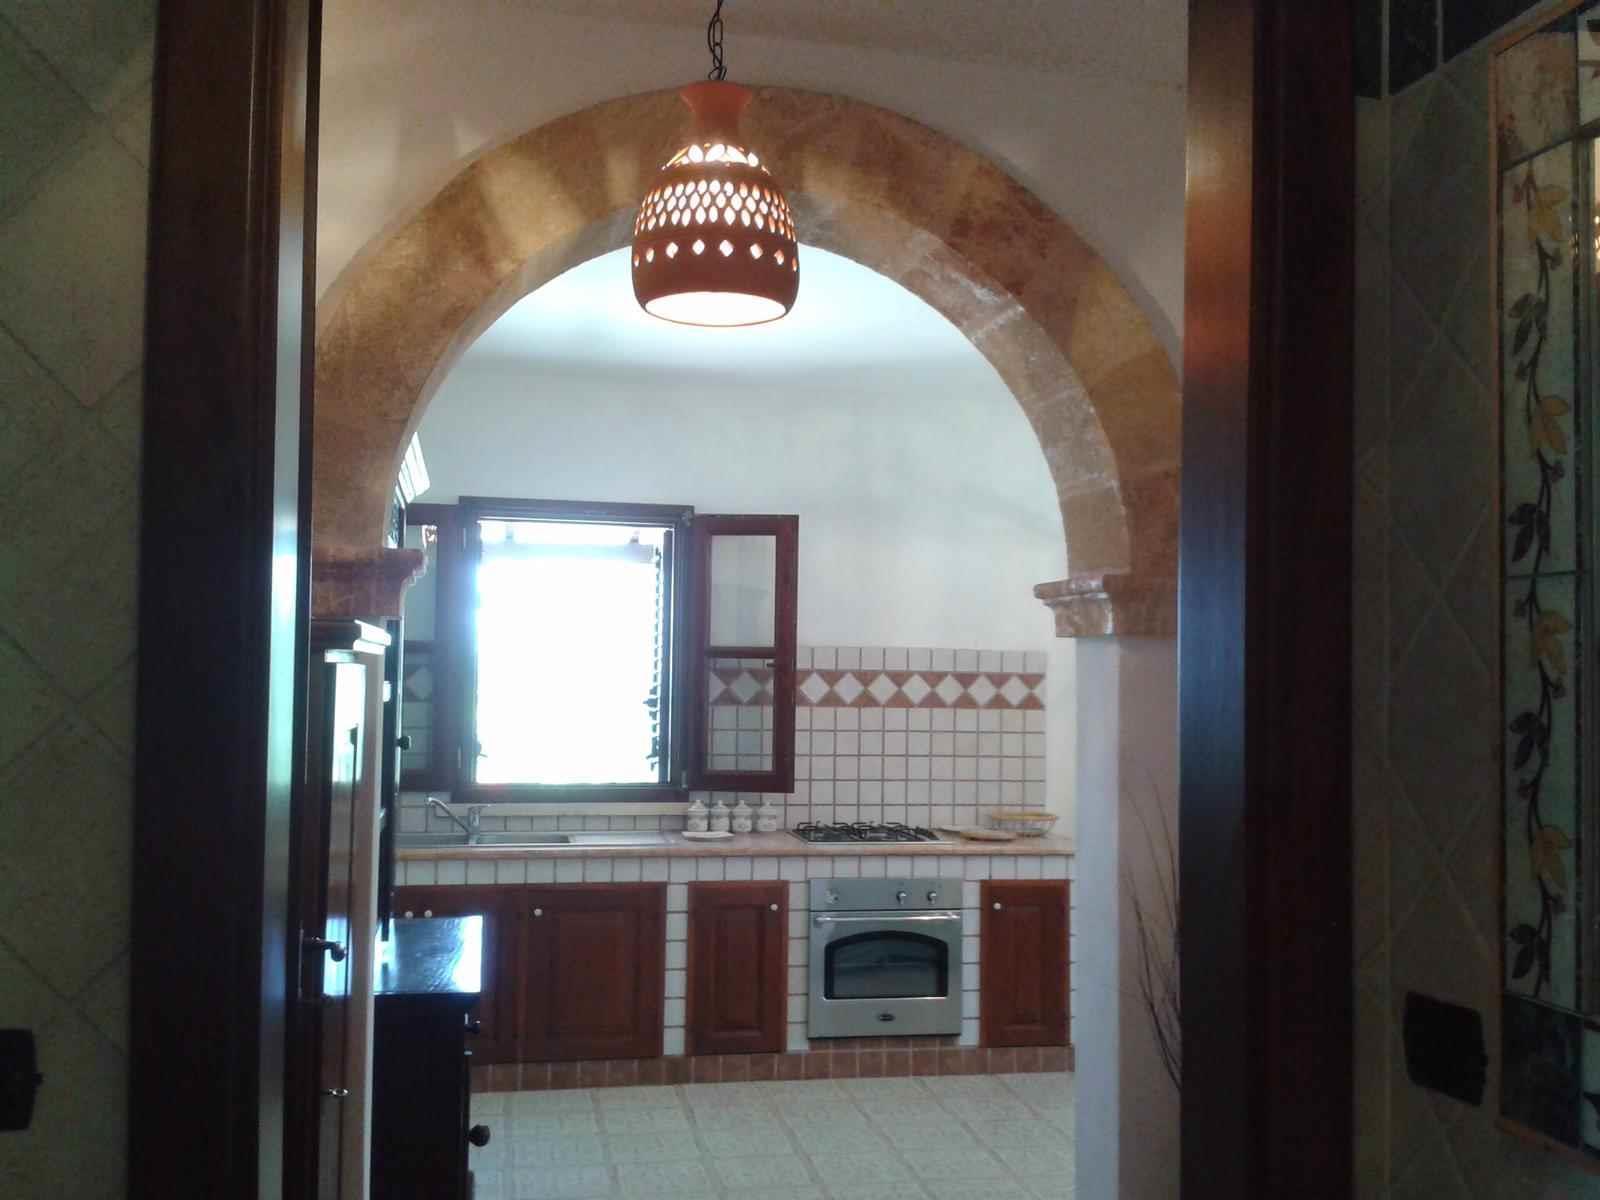 Apartment Mirto Sopra - casa in pietra sul mare photo 24830045